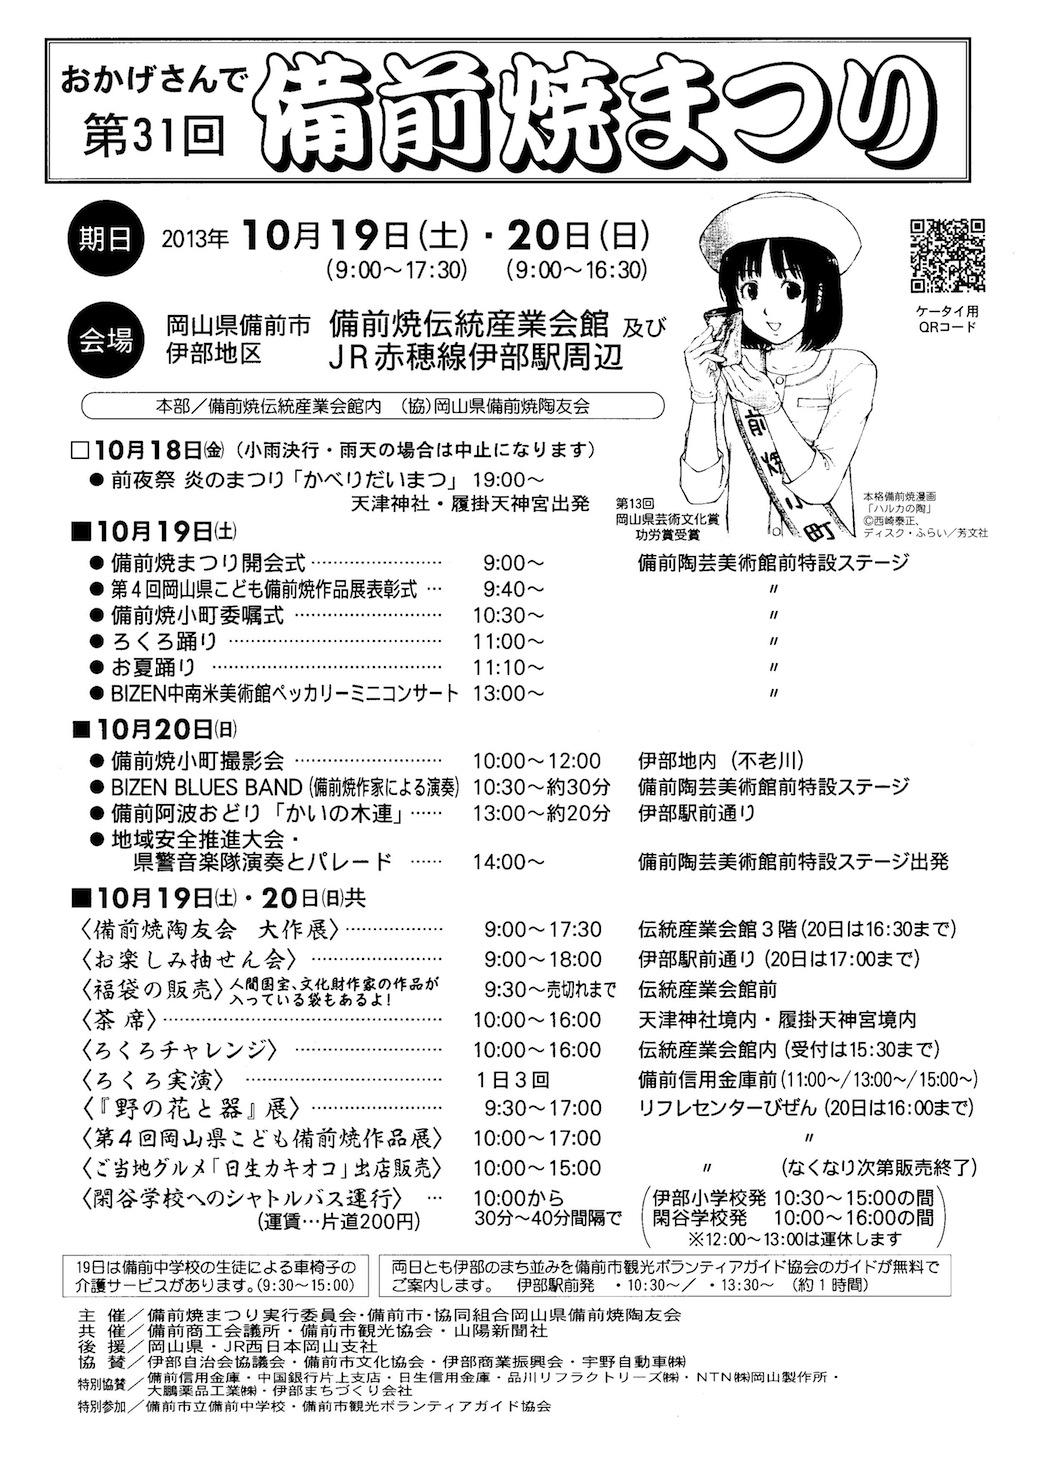 備前焼まつり2013 イベント情報